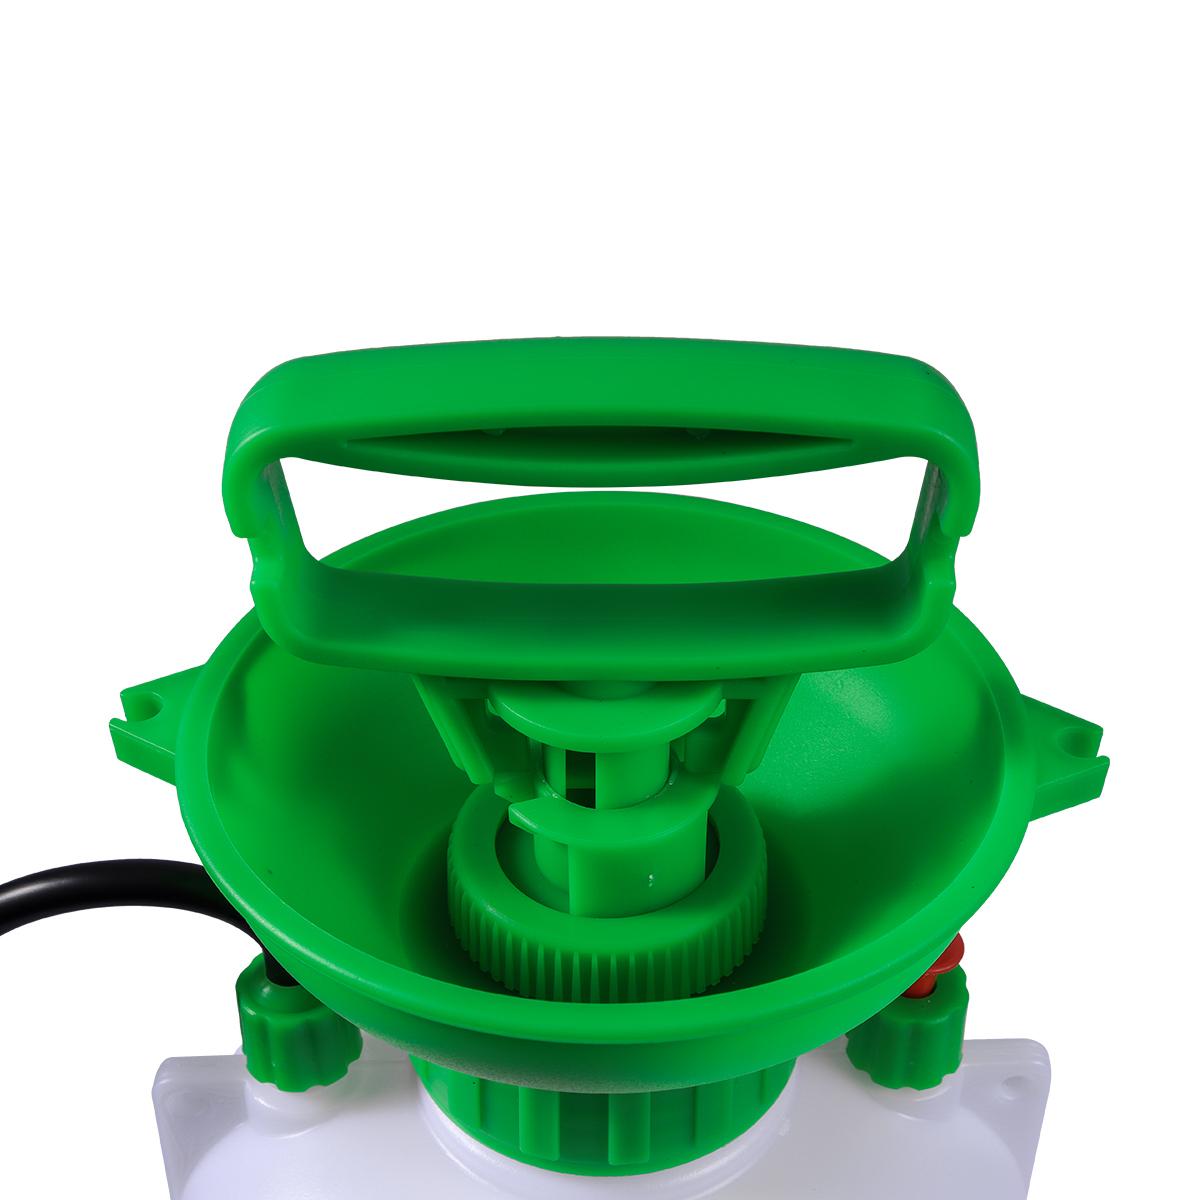 Pulverizador Pressão Acumulada 5 Litros SuperAgri + Pulverizador Borrifador Manual Pressão Acumulada 1,5 Litros